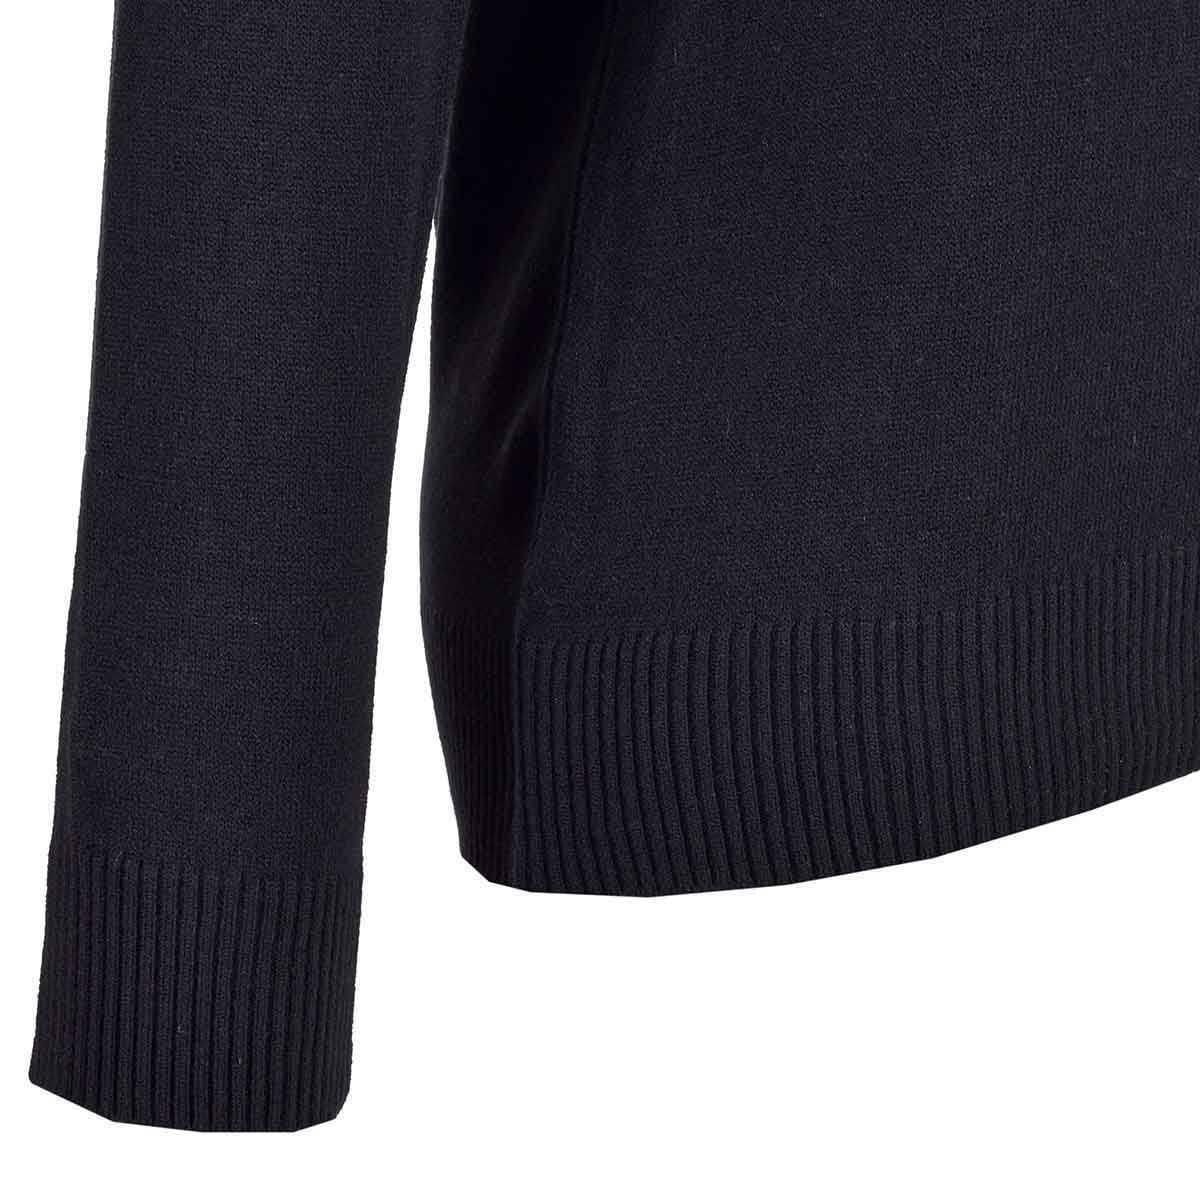 515a5ac01e Suéter básico cuello en v royal polo club